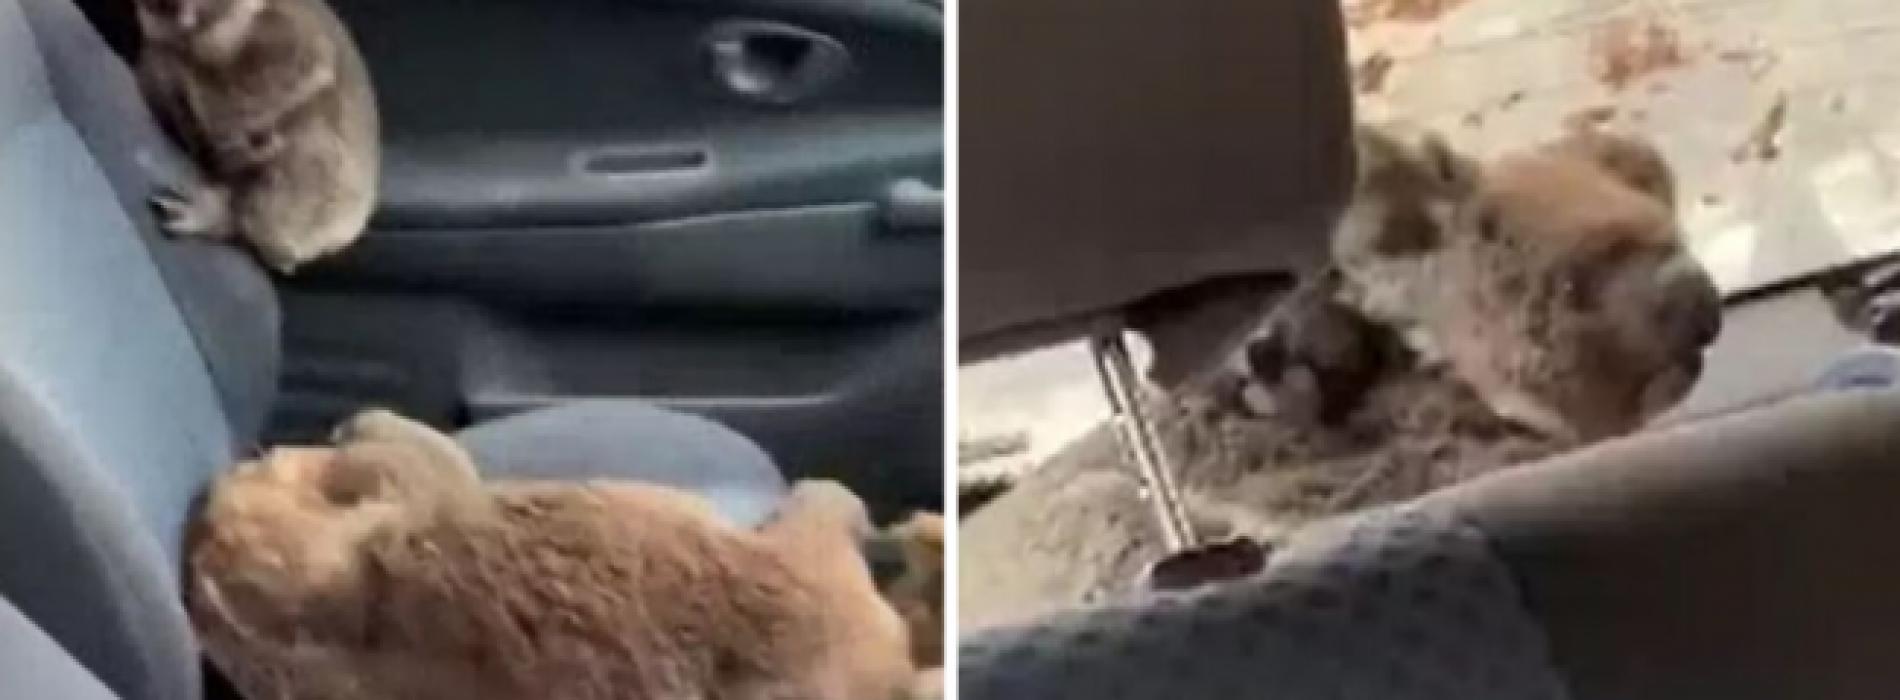 Hartverwarmende video toont dappere tieners die een auto vullen met koala's om ze te redden van bosbranden